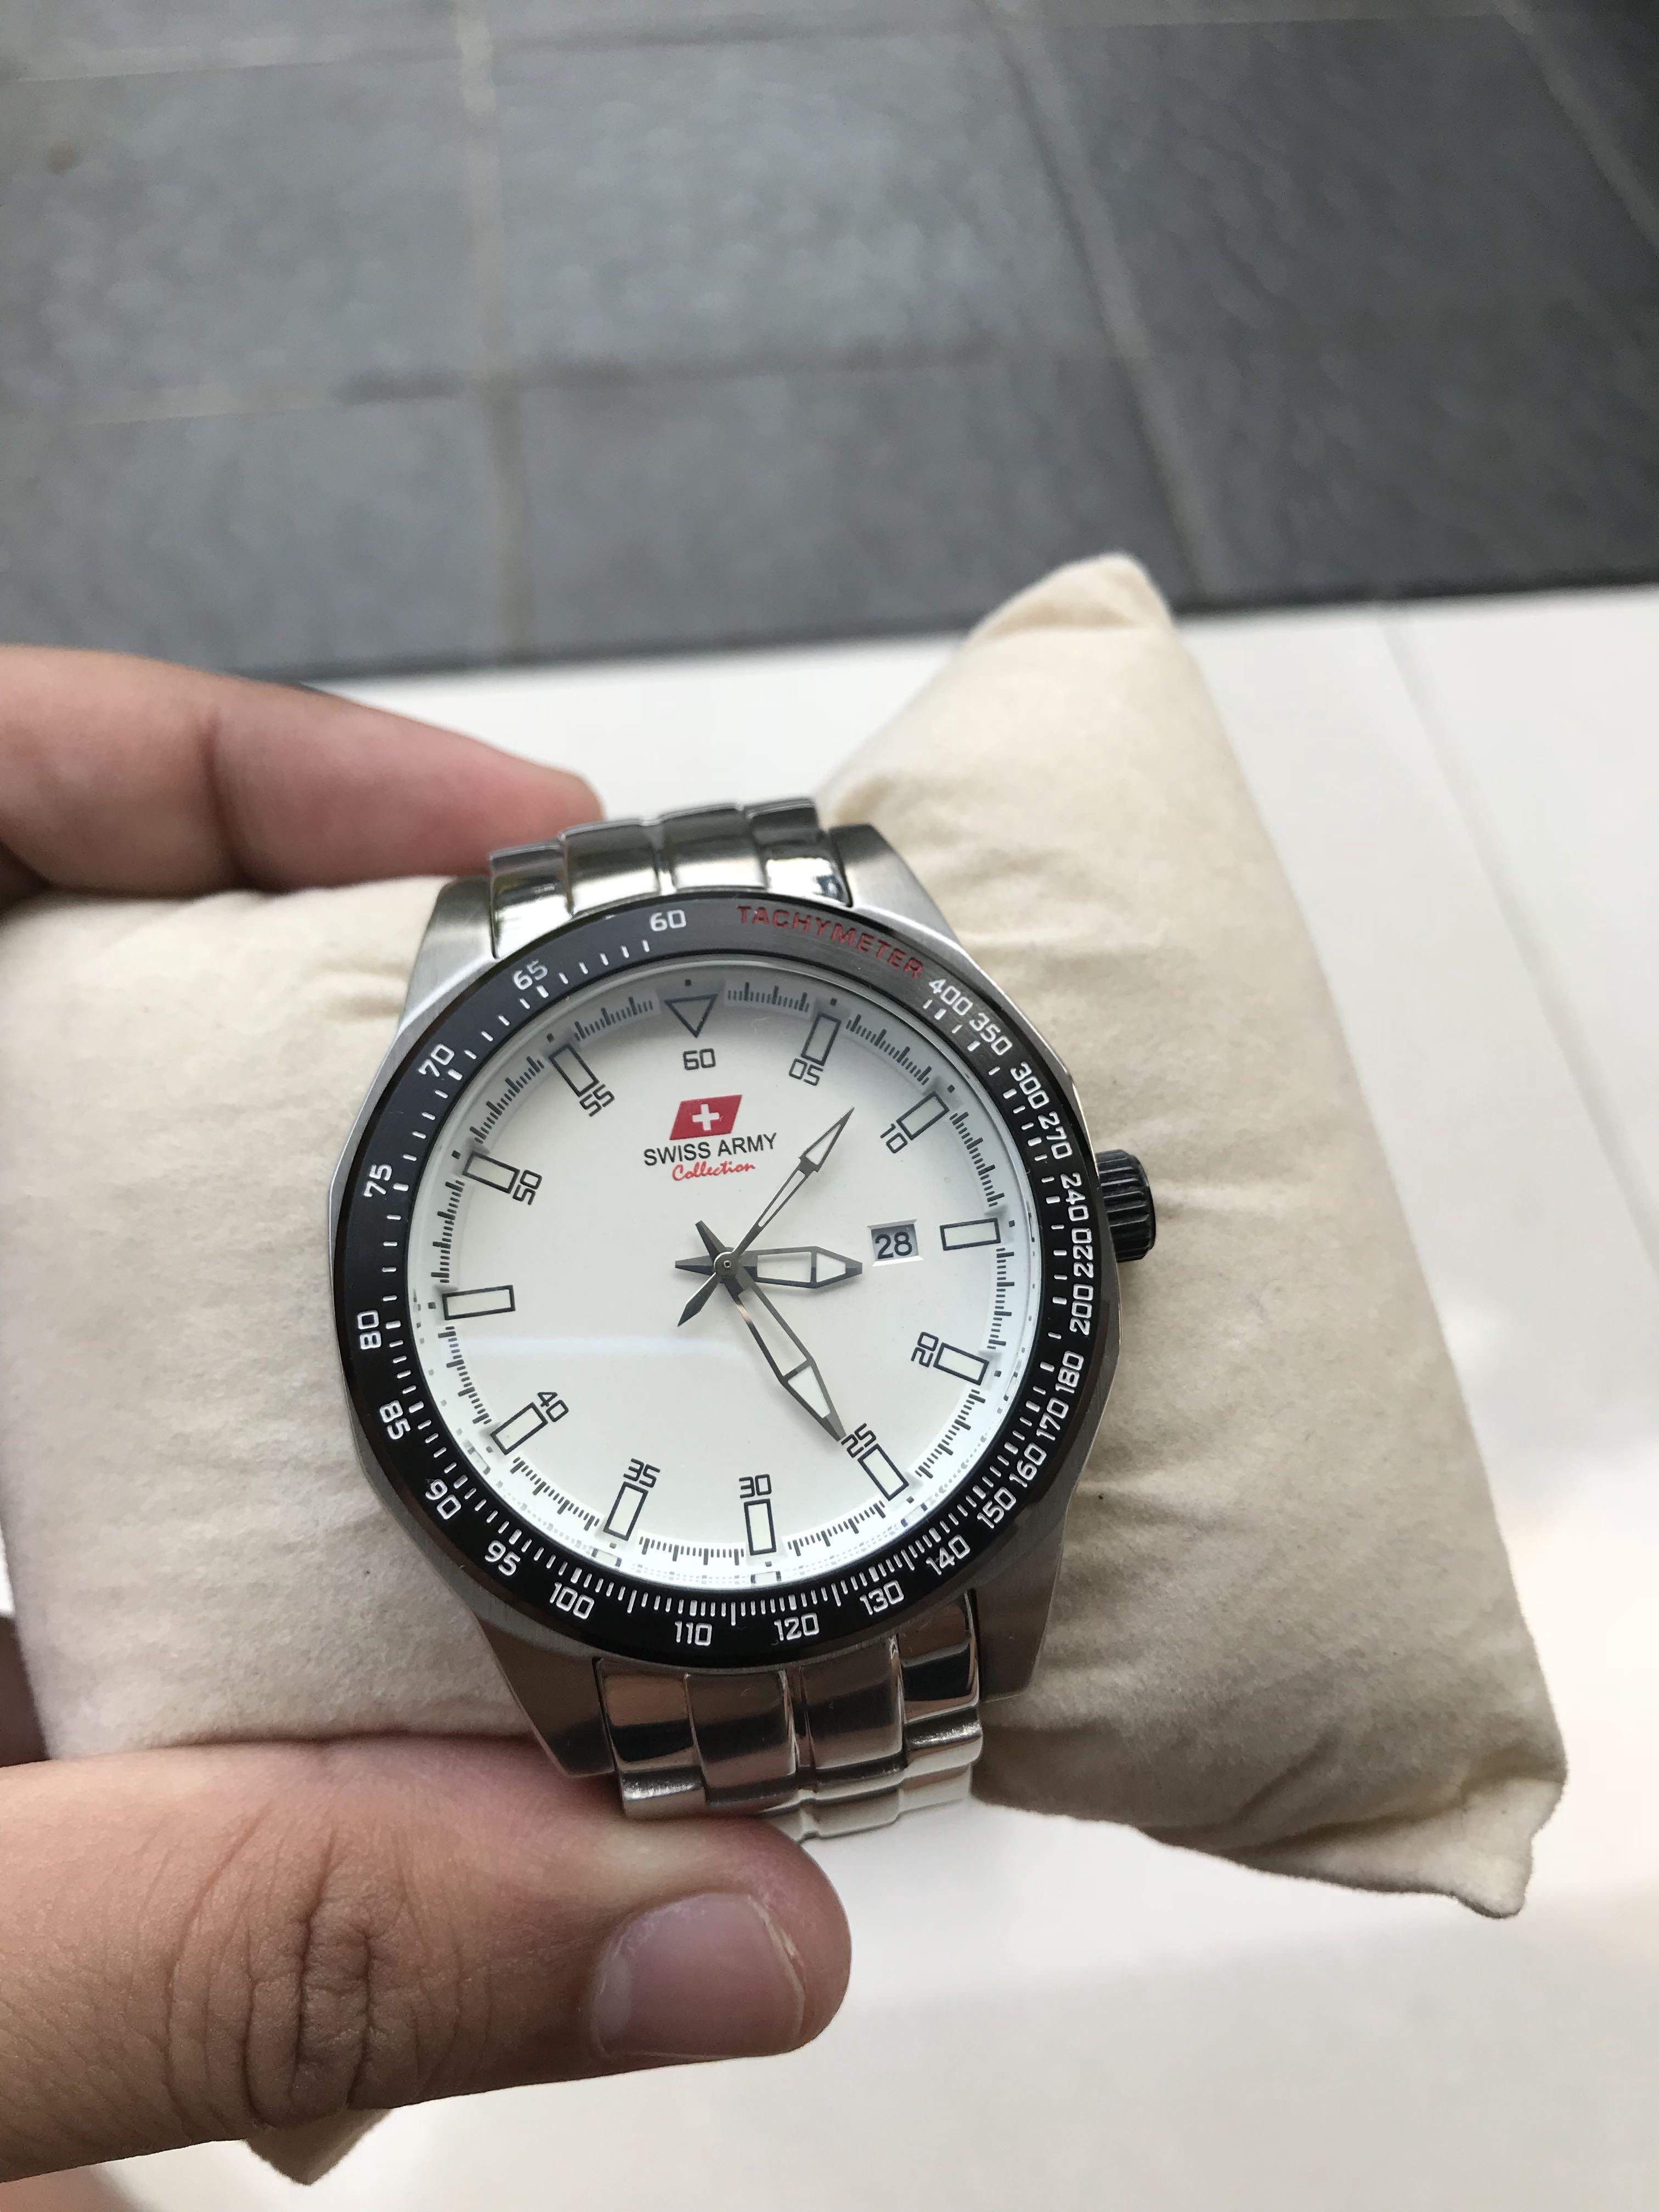 Harga Jual Jam Tangan Pria Versace 1350000 Cowok Expedition E6673 Ss Grey Brown Original Swiss Army Murah Promo Preloved Fesyen Di Carousell